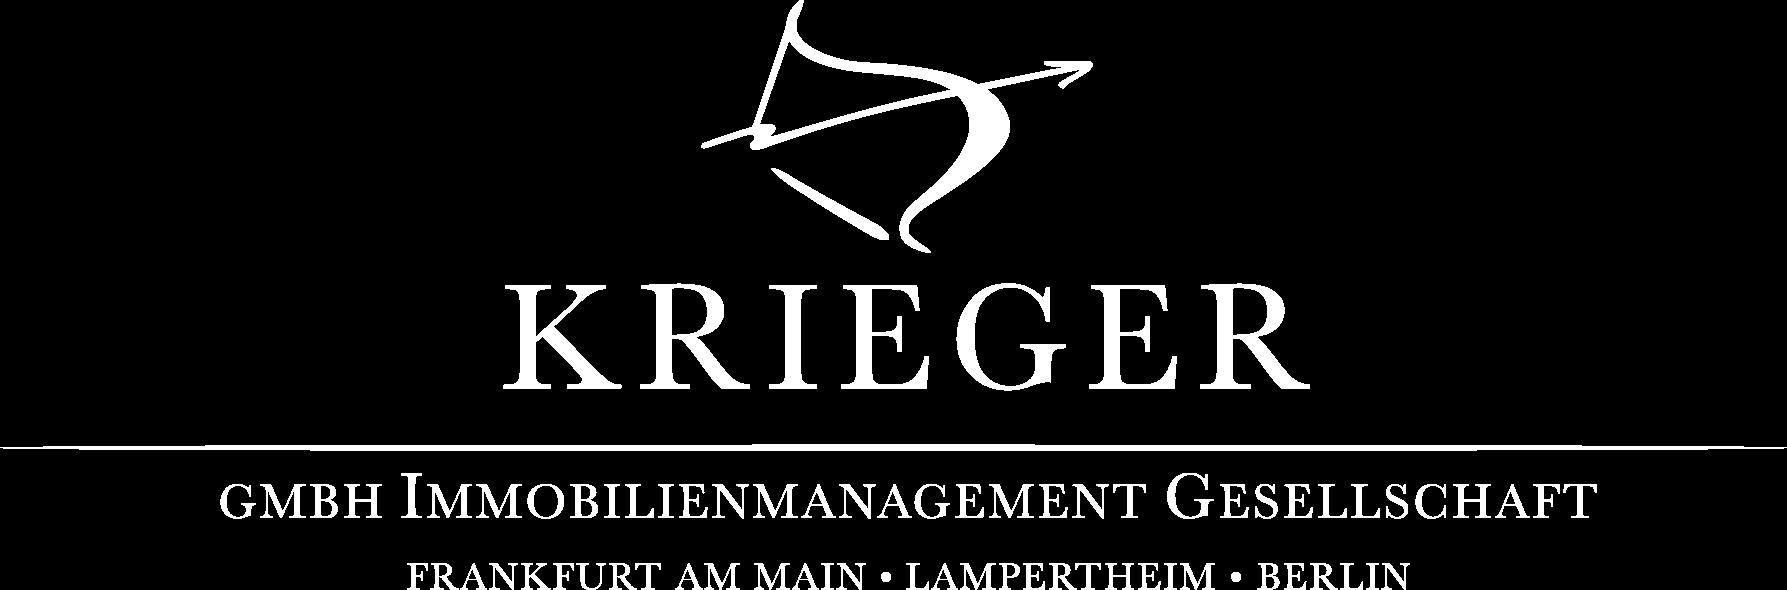 KRIEGER GmbH Immobilienmanagement Gesellschaft